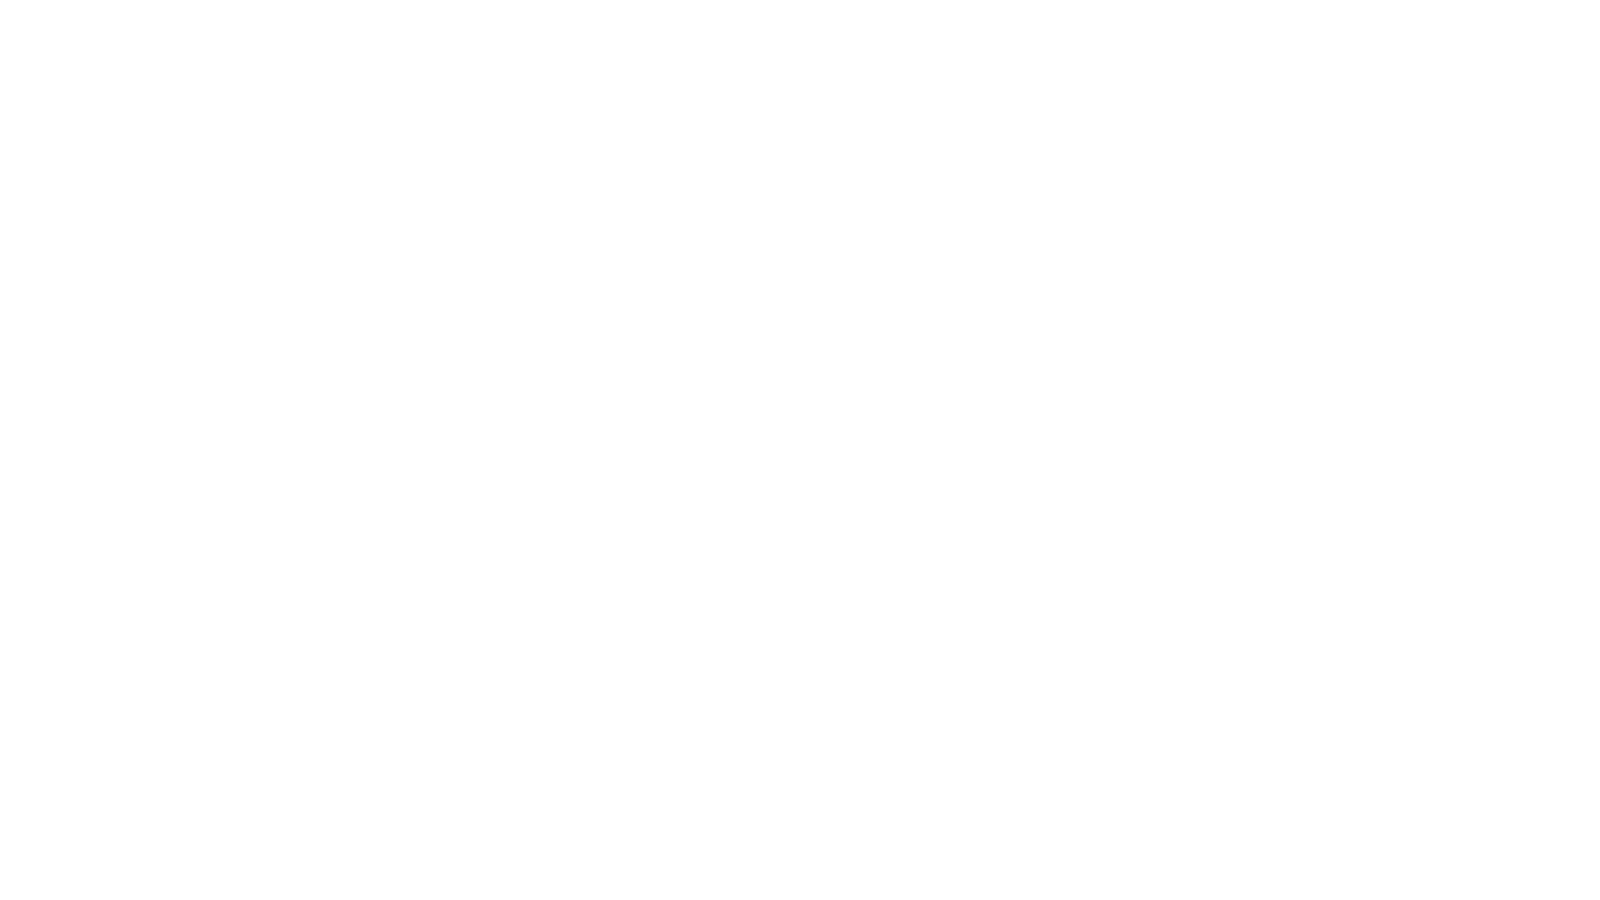 Fotoclub Diafragma https://www.fotoclubdiafragma.nl  Hoe start je als beginnend portret fotograaf met het gebruik van je licht. Waar aan te denken, hoe wordt je er beter in, wat zijn de mogelijkheden? Op haar geheel eigen manier neemt fotograaf Astrid Janson je namens de werkgroep Portret Fotografie mee op haar eigen ontdekkingstocht in het experimenteren met portret belichting.  Getoonde foto's:  Astrid Janson Johan de Vos  Links:  Het Perfecte Plaatje: Rembrandt belichting https://youtu.be/XwMgEN6TBqs  Voorbeelden gebruik van licht op locatie https://youtu.be/6pwnRJTDUBw  5 basisopstellingen portretfotografie met 1 flitser https://www.youtube.com/watch?v=1J43qFKliFg&t=2s  Gebruik van een reflectiescherm https://www.eoszine.nl/Detailpagina-artikelen/192547/443269/Reflectieschermen.html  Alle getoonde foto's zijn auteursrechtelijk beschermd door de benoemde fotograaf.  Music: https://www.bensound.com  © 2021 fotoclub Diafragma